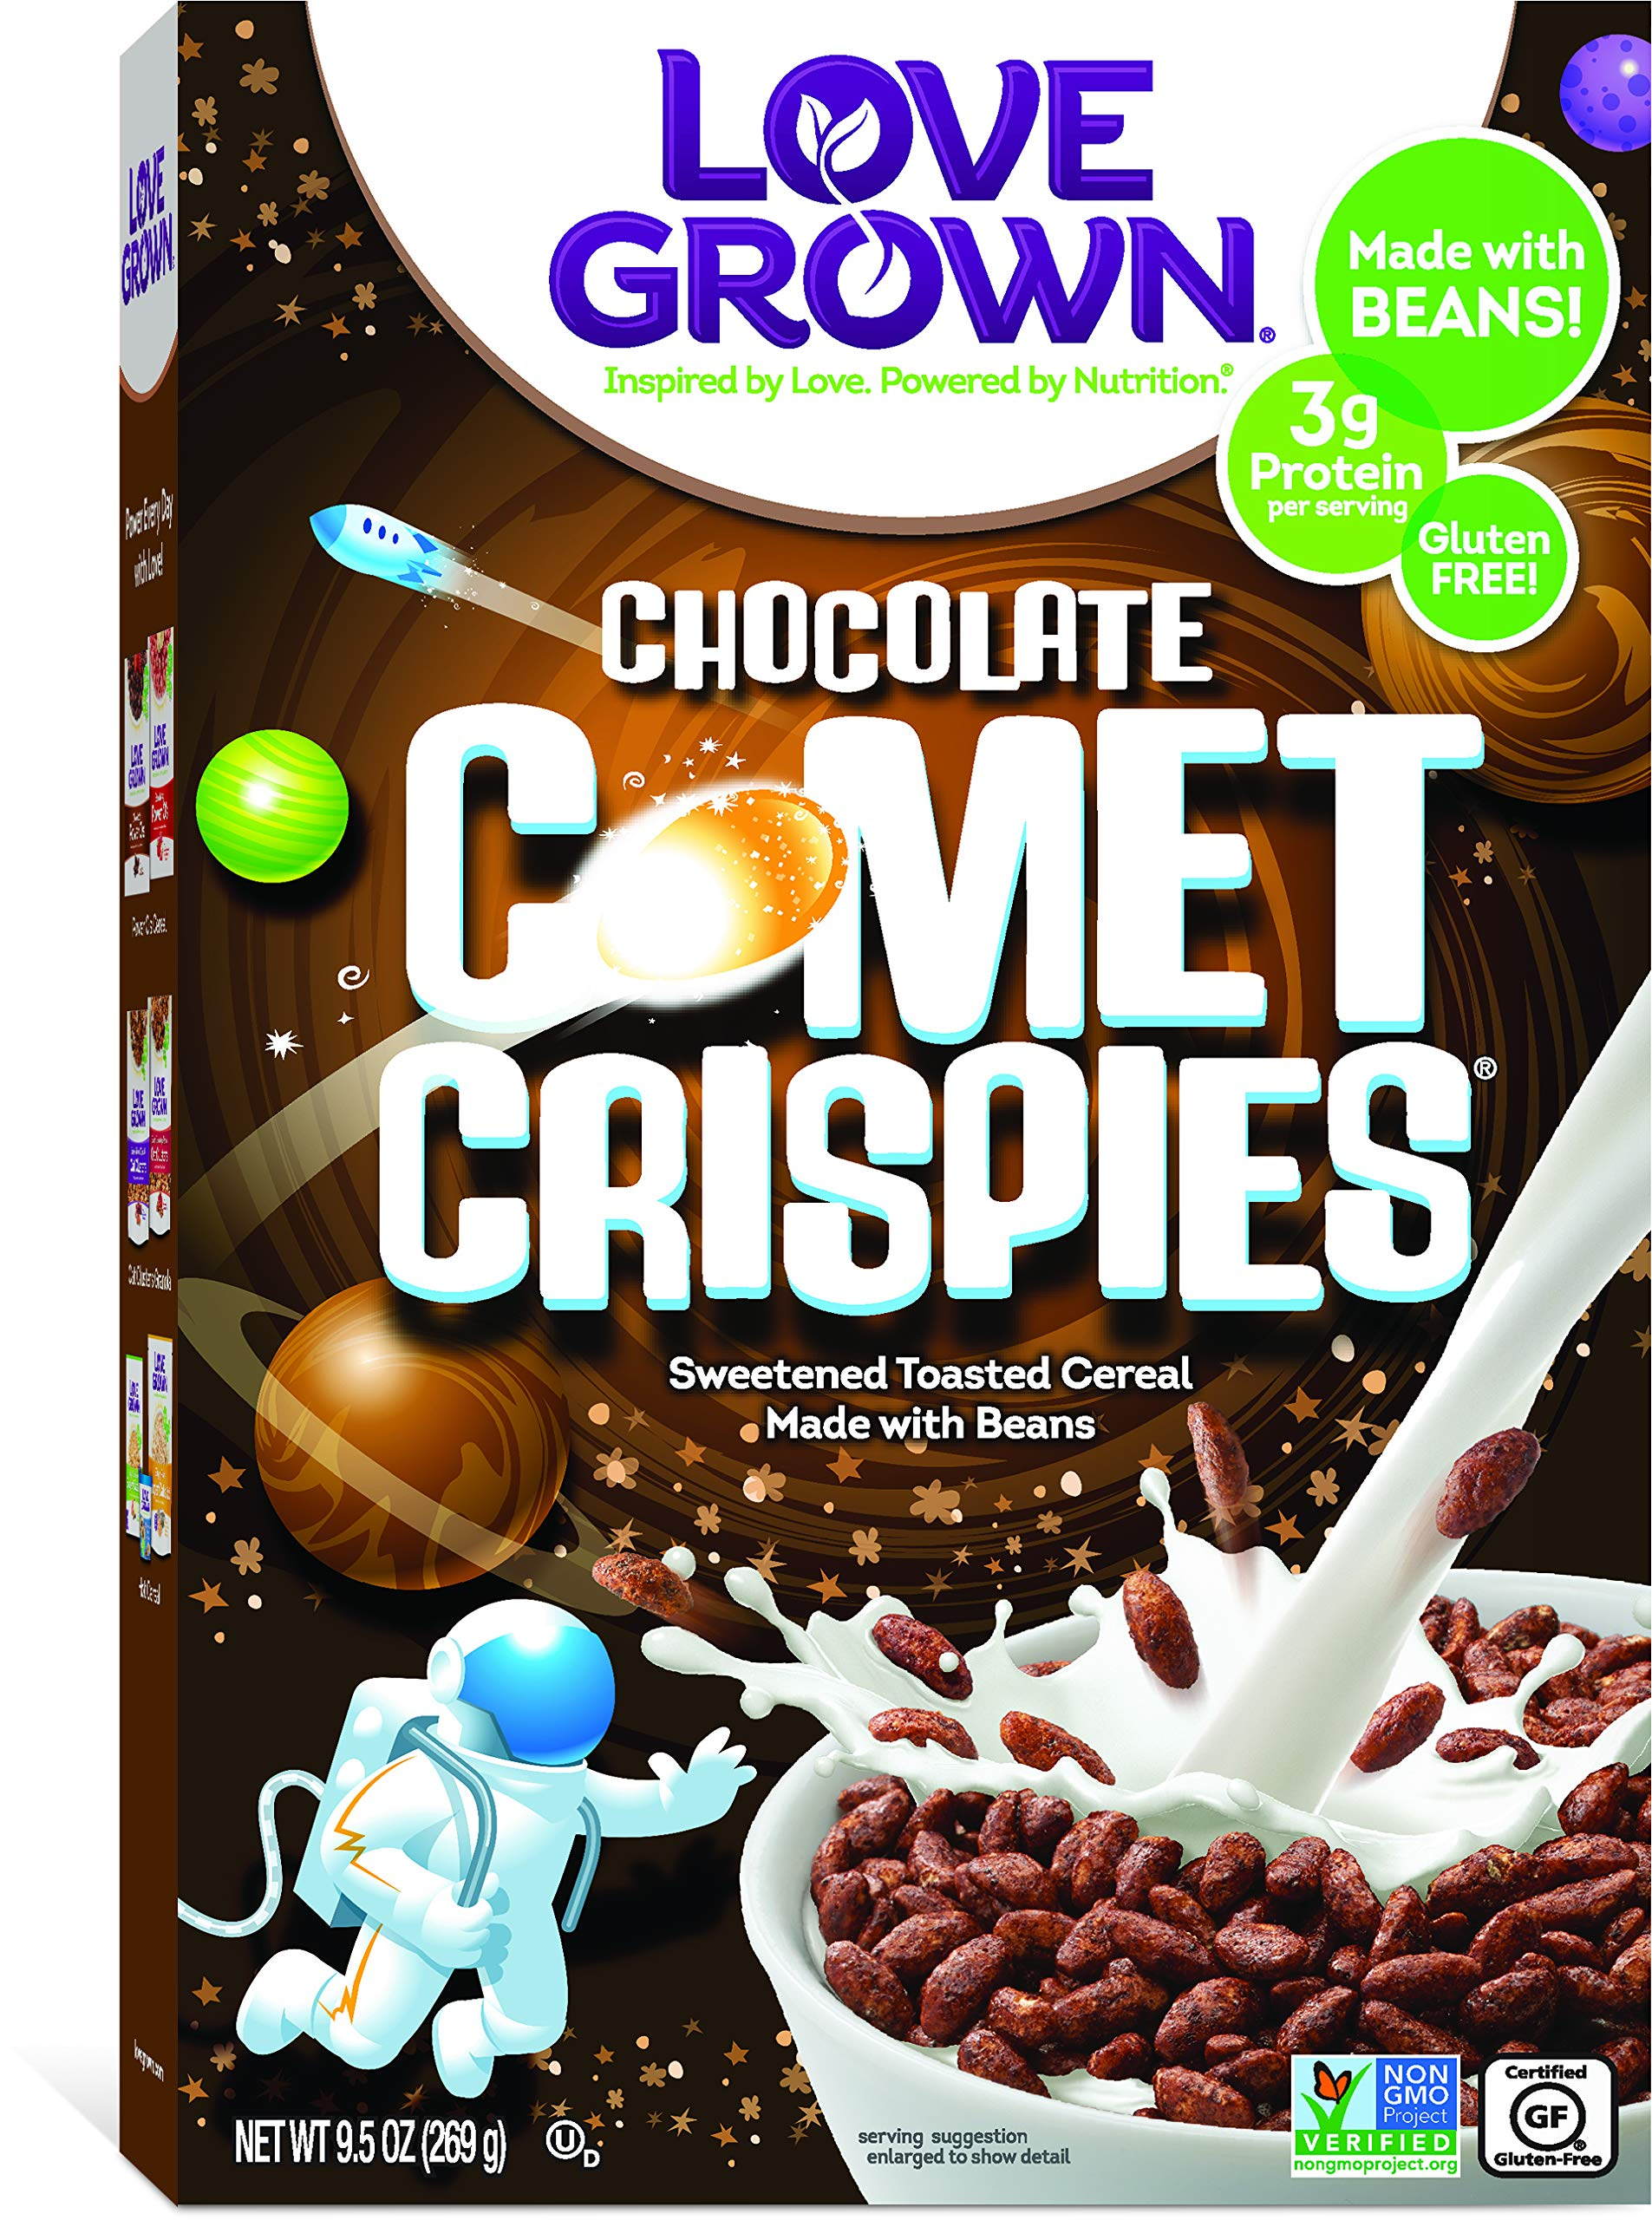 Love Grown Comet Crispies Cereal, 9.5 oz. Box, 6-Pack by Love Grown